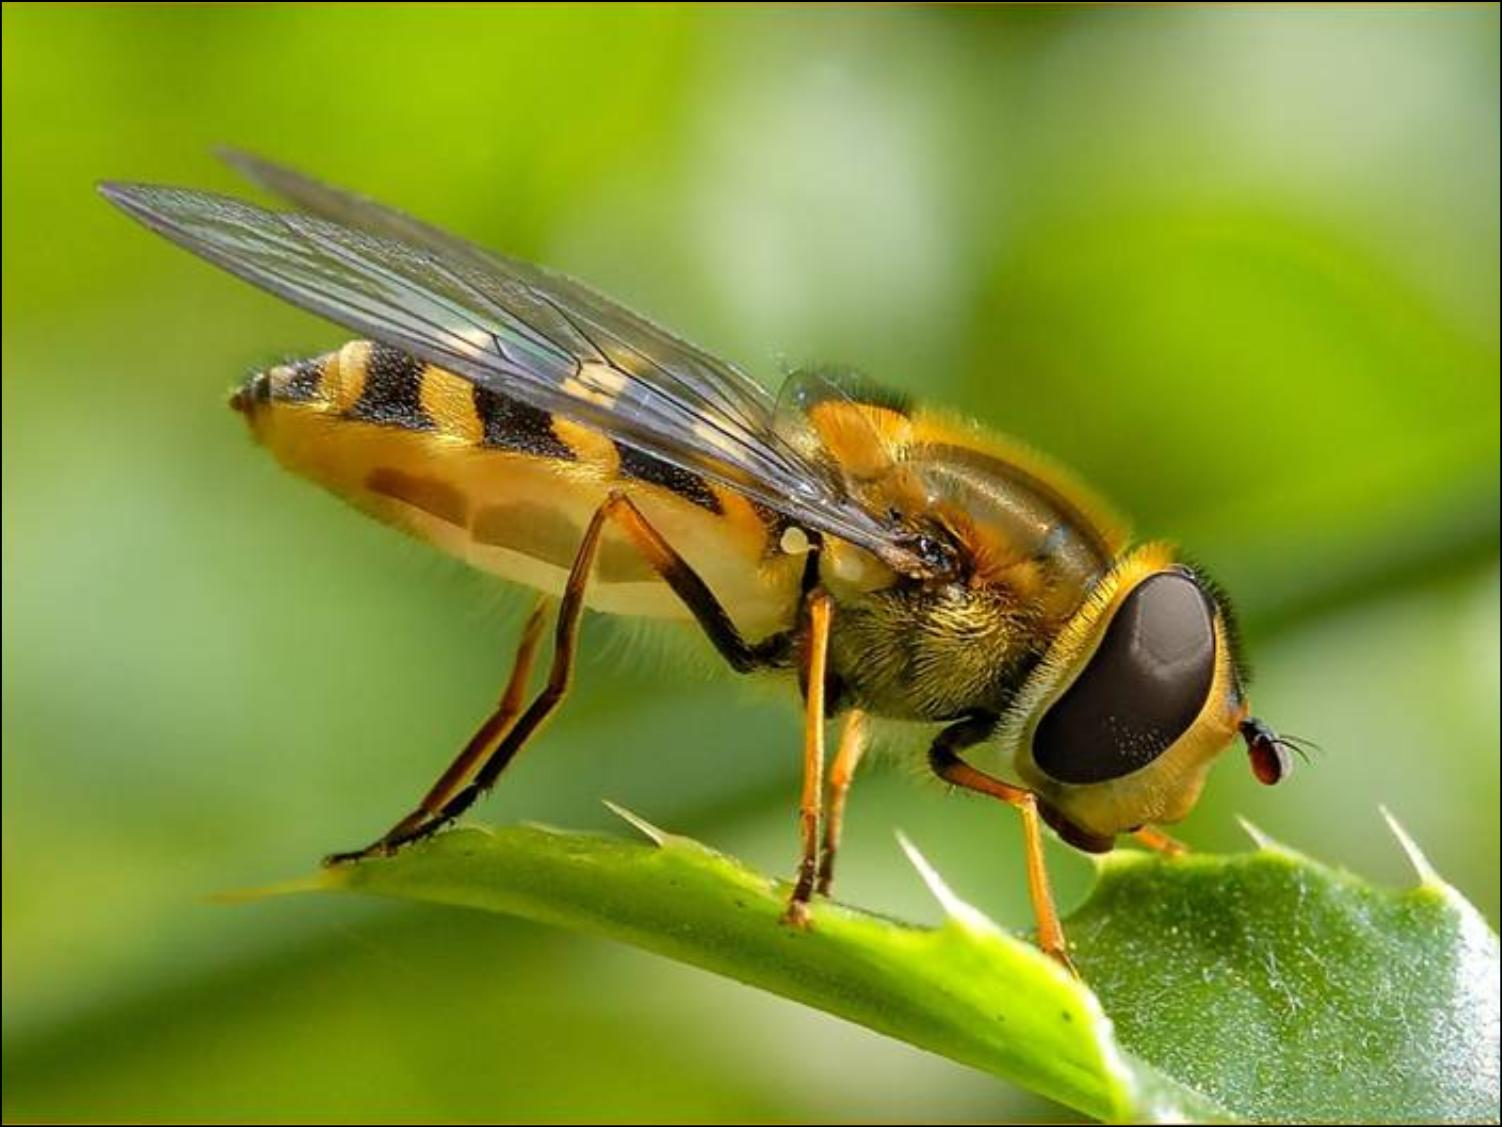 İnsanoğlu Teknoloji Sayesinde Arılarla İletişim Kurmayı Başardı!